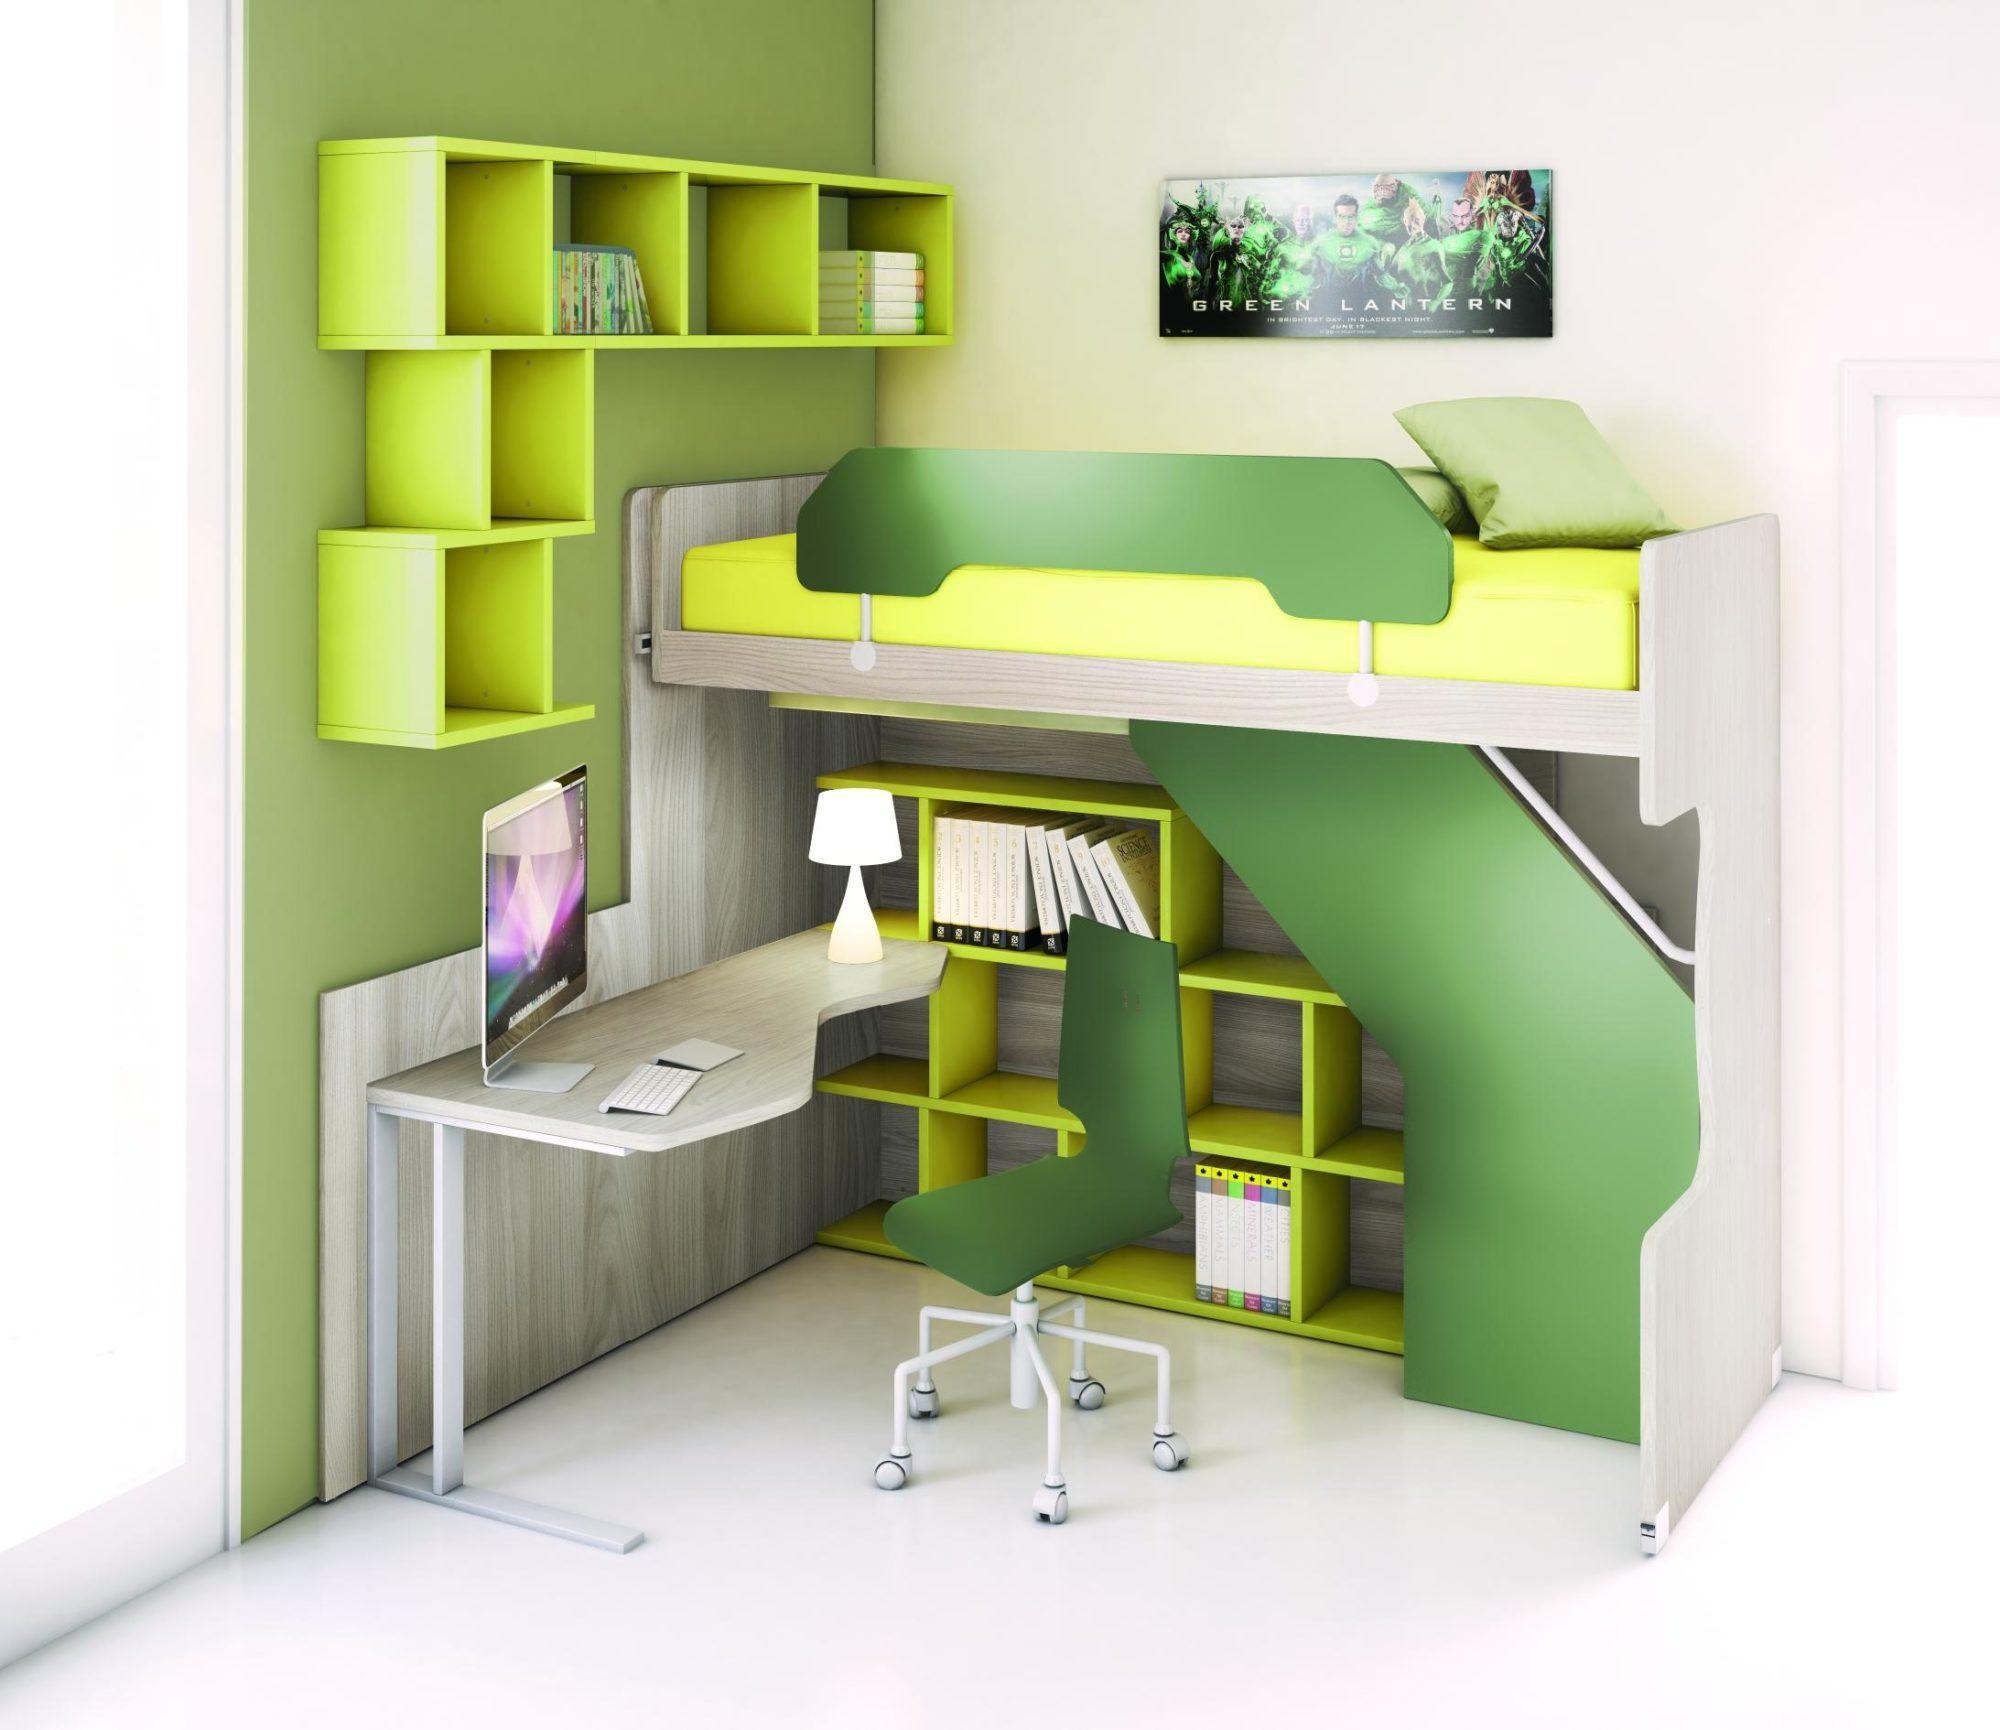 Smart Space Bedrooms Michelangelo Designs Group